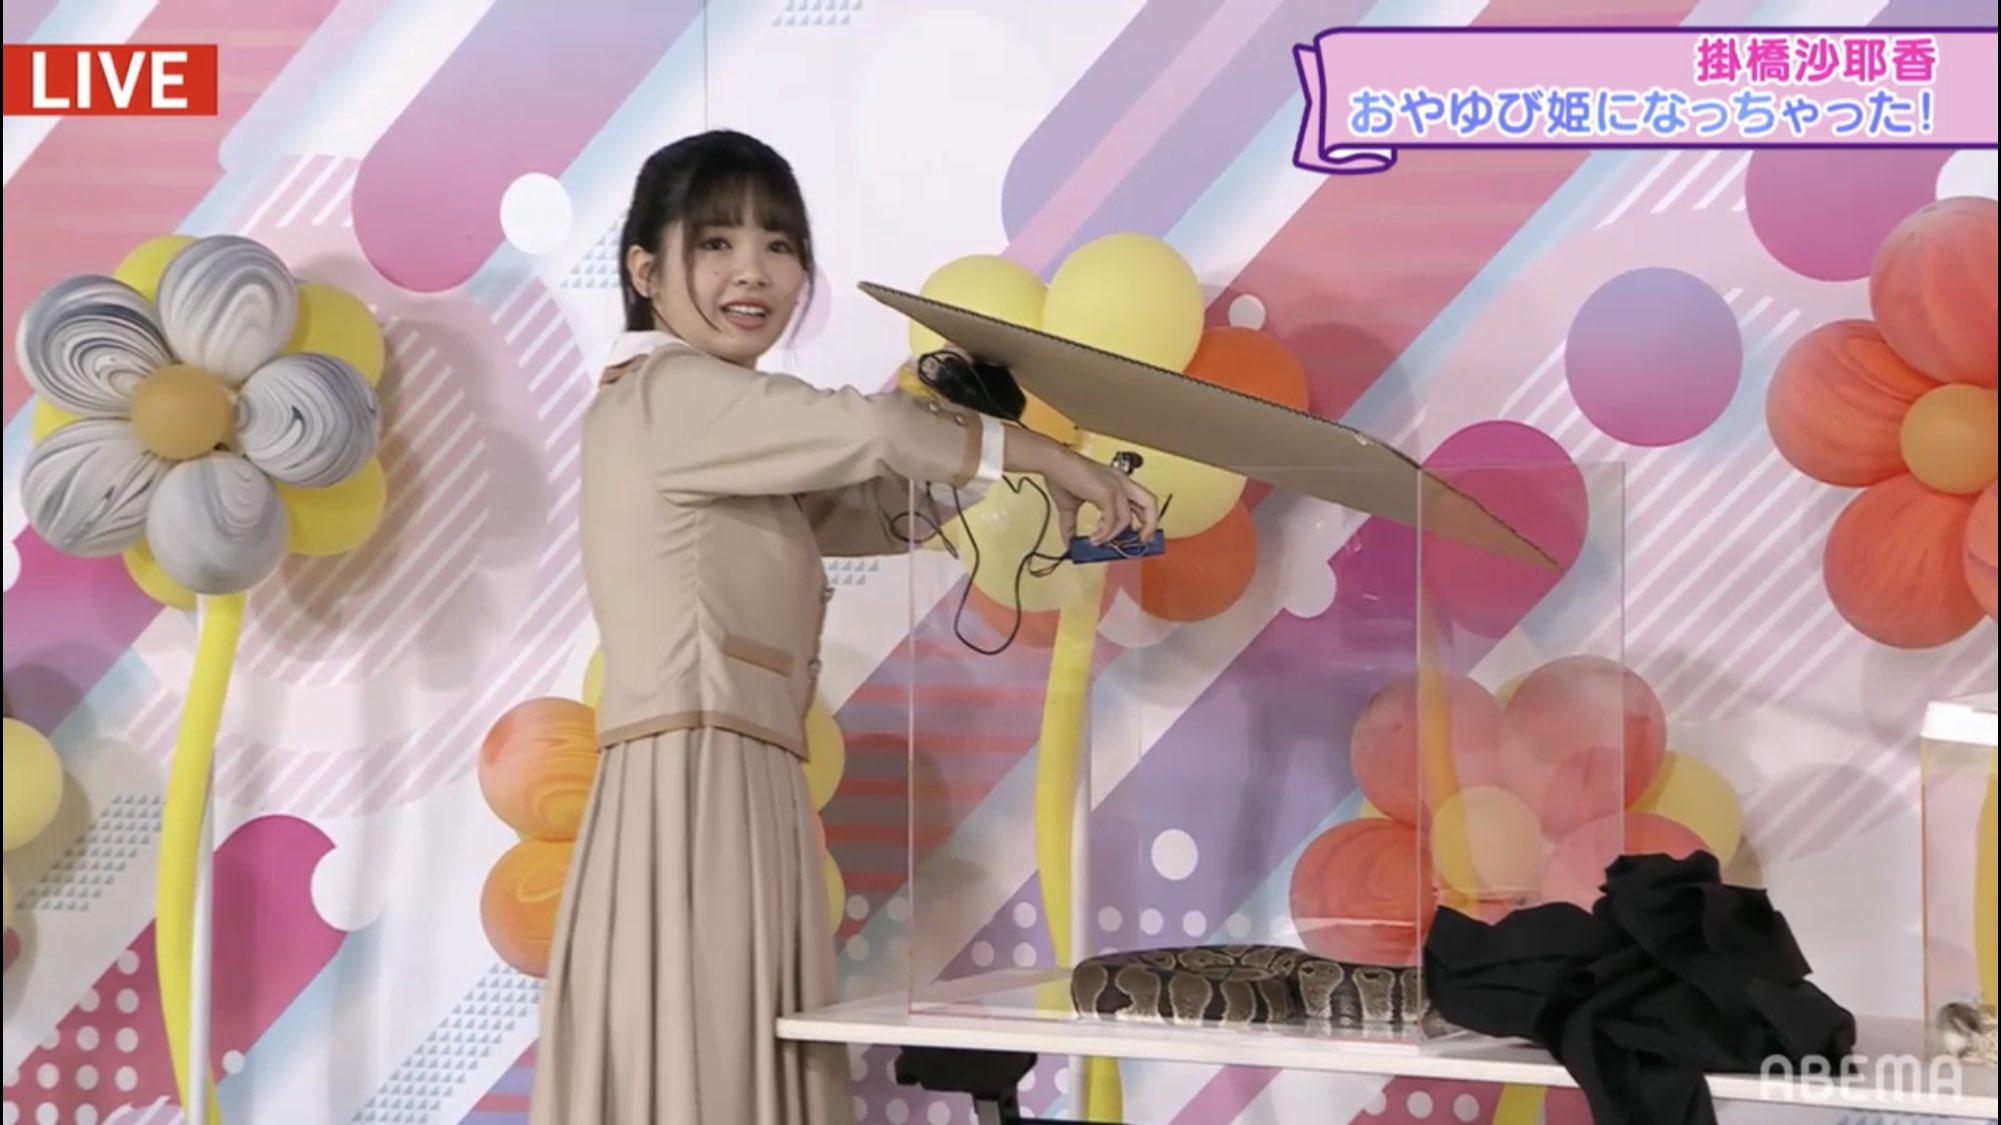 乃木坂電視台 掛橋沙耶香のおやゆび姫になっちゃった 筒井あやめ